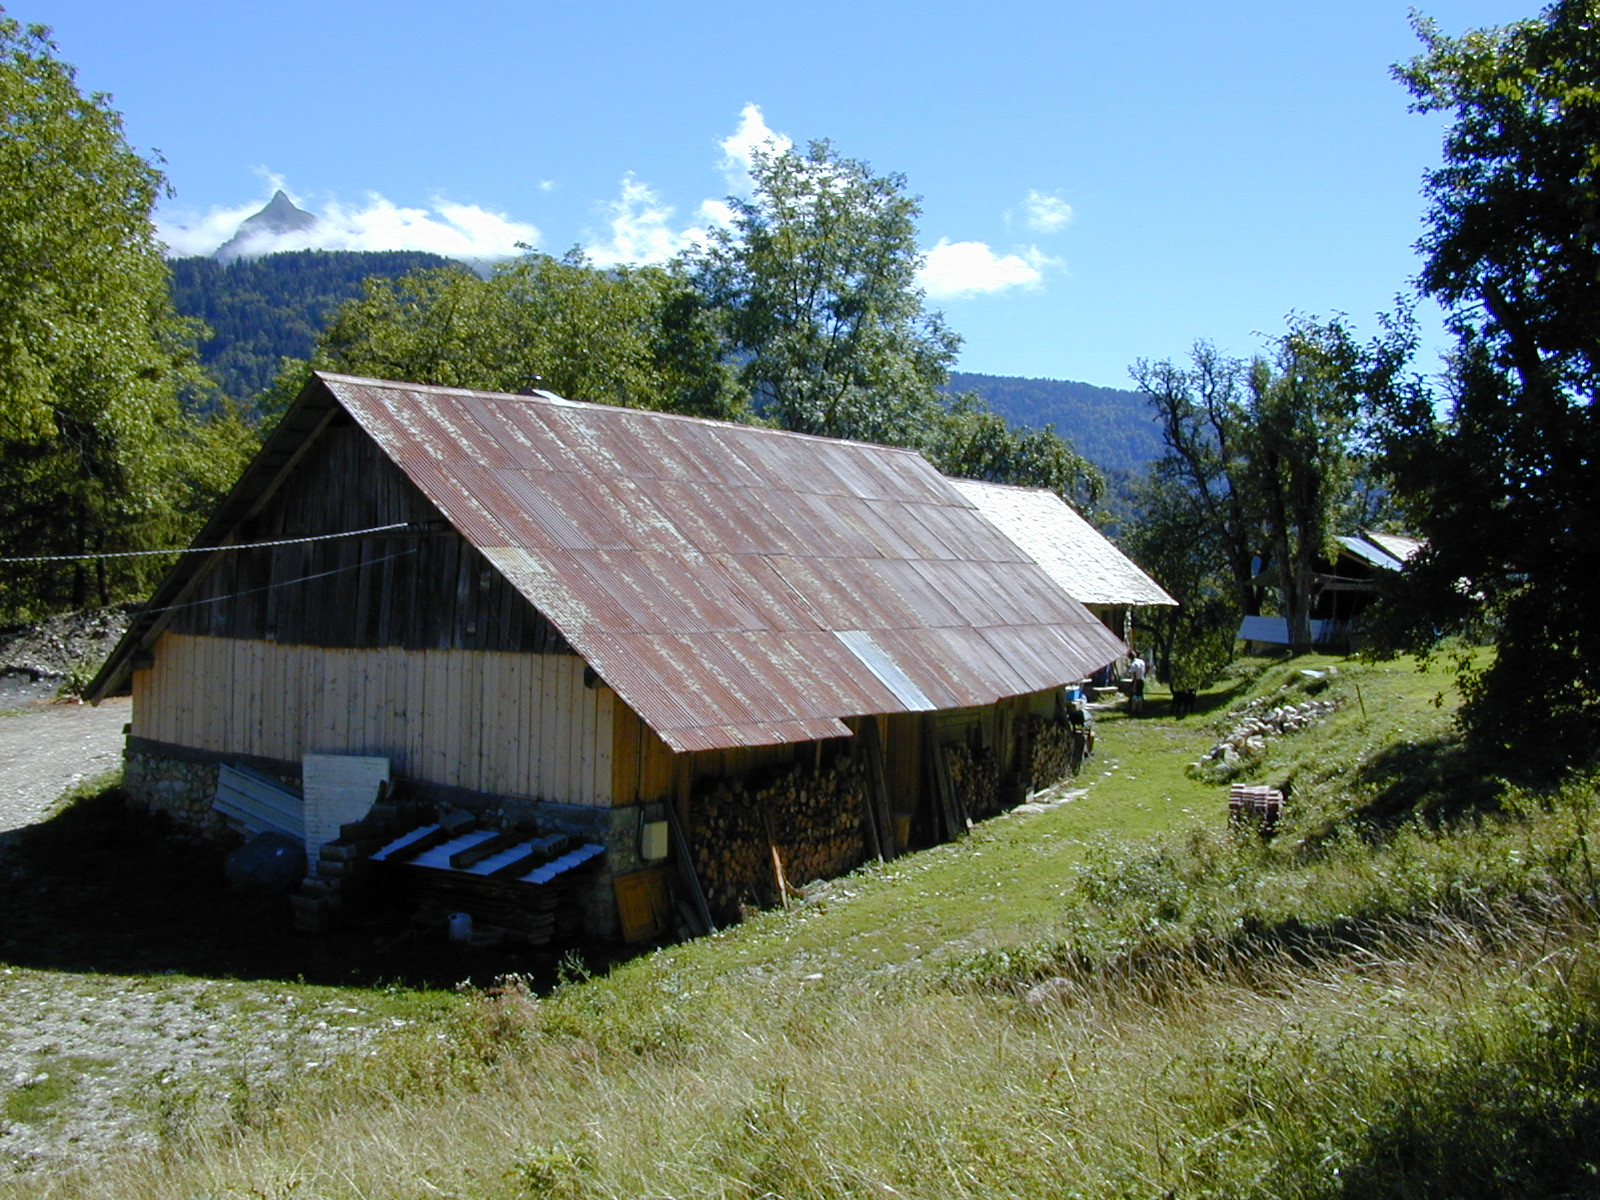 Charpente aravis les loges alternative construction bois for Amelioration isolation maison